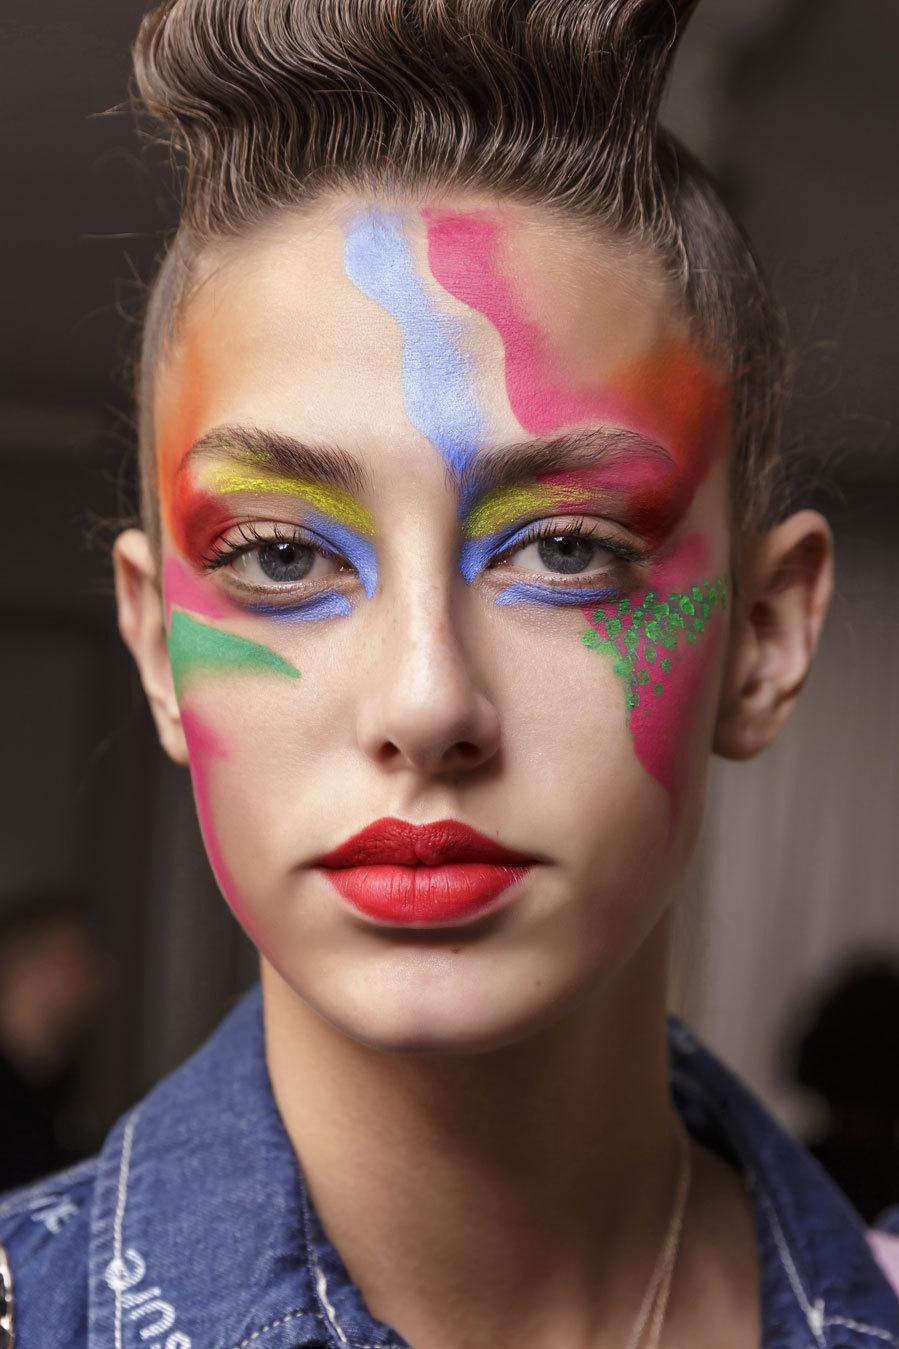 Los maquillajes de Manish Arora son siempre una fuente de inspiración segura para cualquier disfraz colorido y de fantasía. En este caso, se puede copiar con varias barras de labios y alguna sombra en lápiz o en crema. Por supuesto, las pinturas para cara homologadas son otra buena opción.